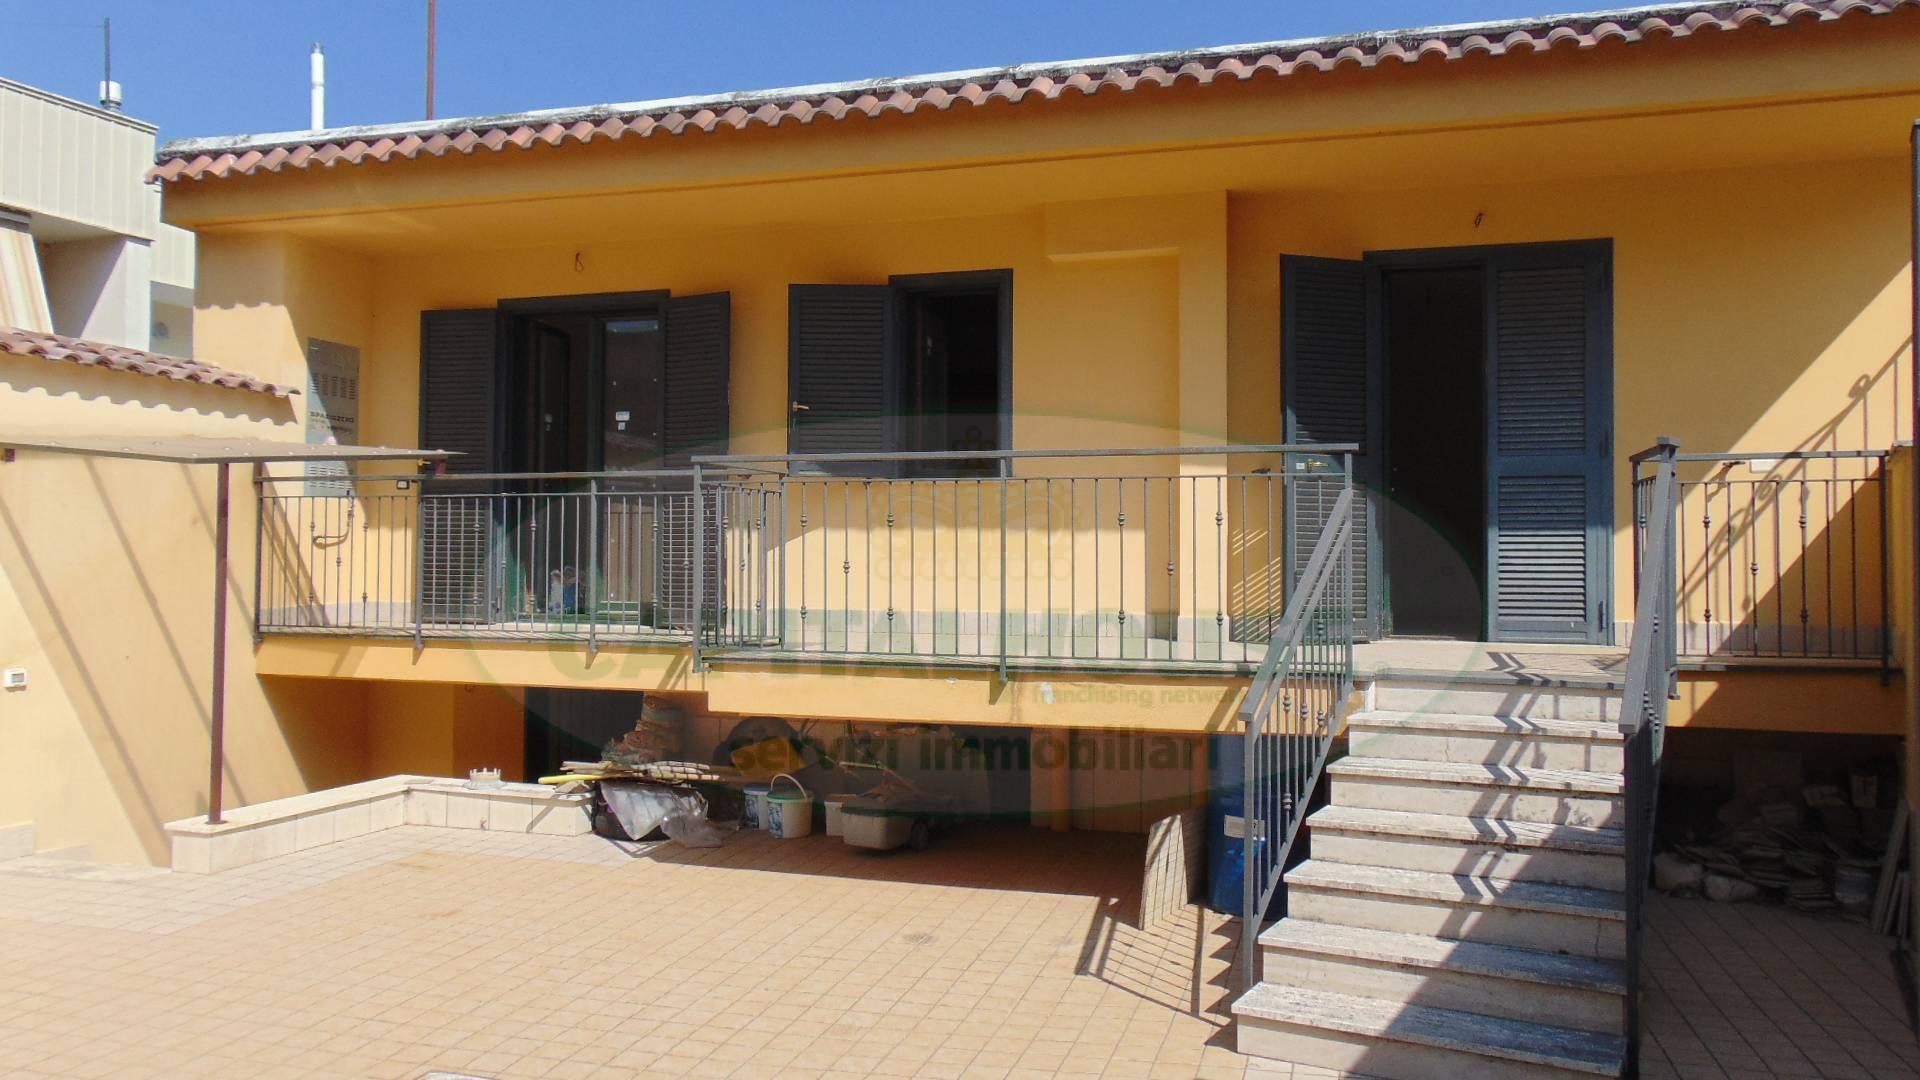 Soluzione Indipendente in vendita a Sirignano, 3 locali, prezzo € 85.000 | CambioCasa.it